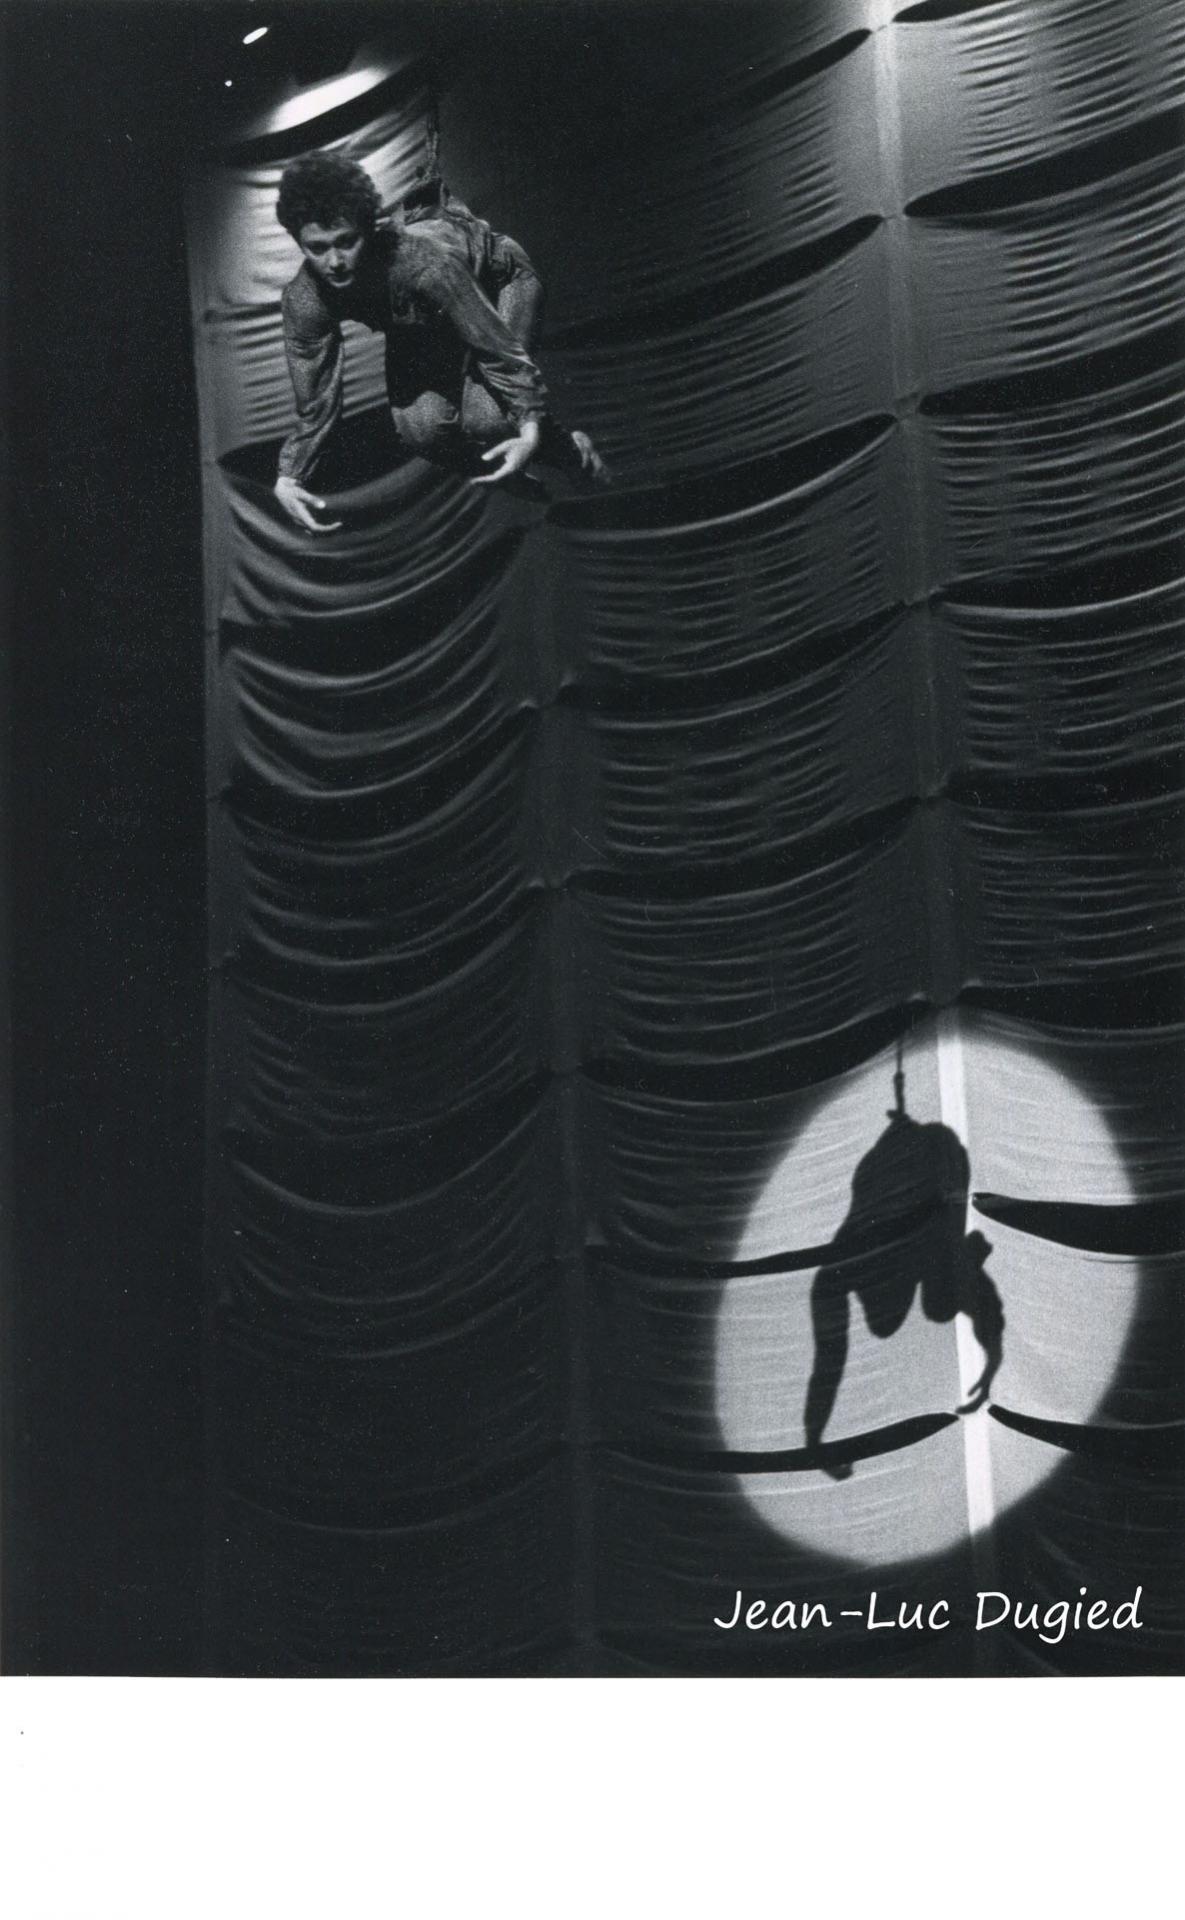 40 Witzman-Anaya Alejandro - Georges et les rêves - Eliane Decostanzi - 1984